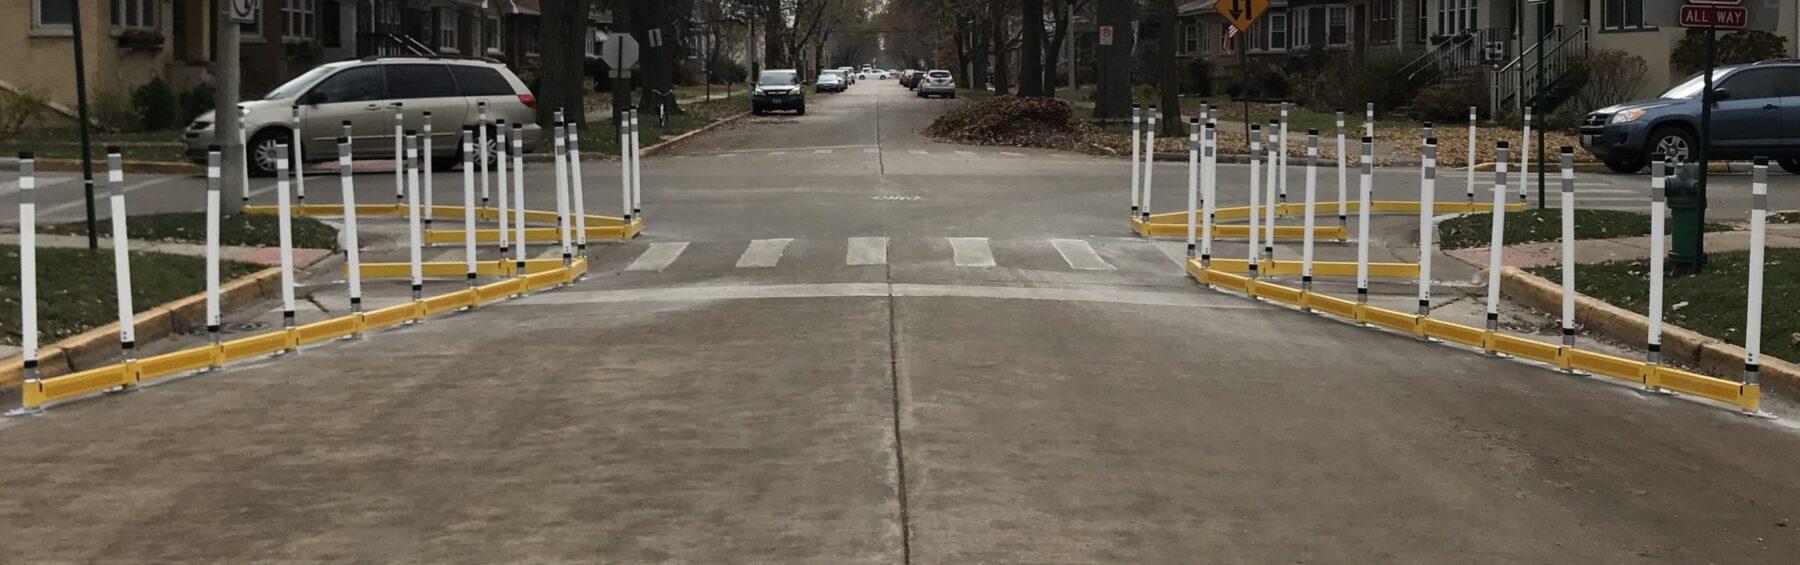 Pedestrian Safety Infrastructure in Oak Park, IL